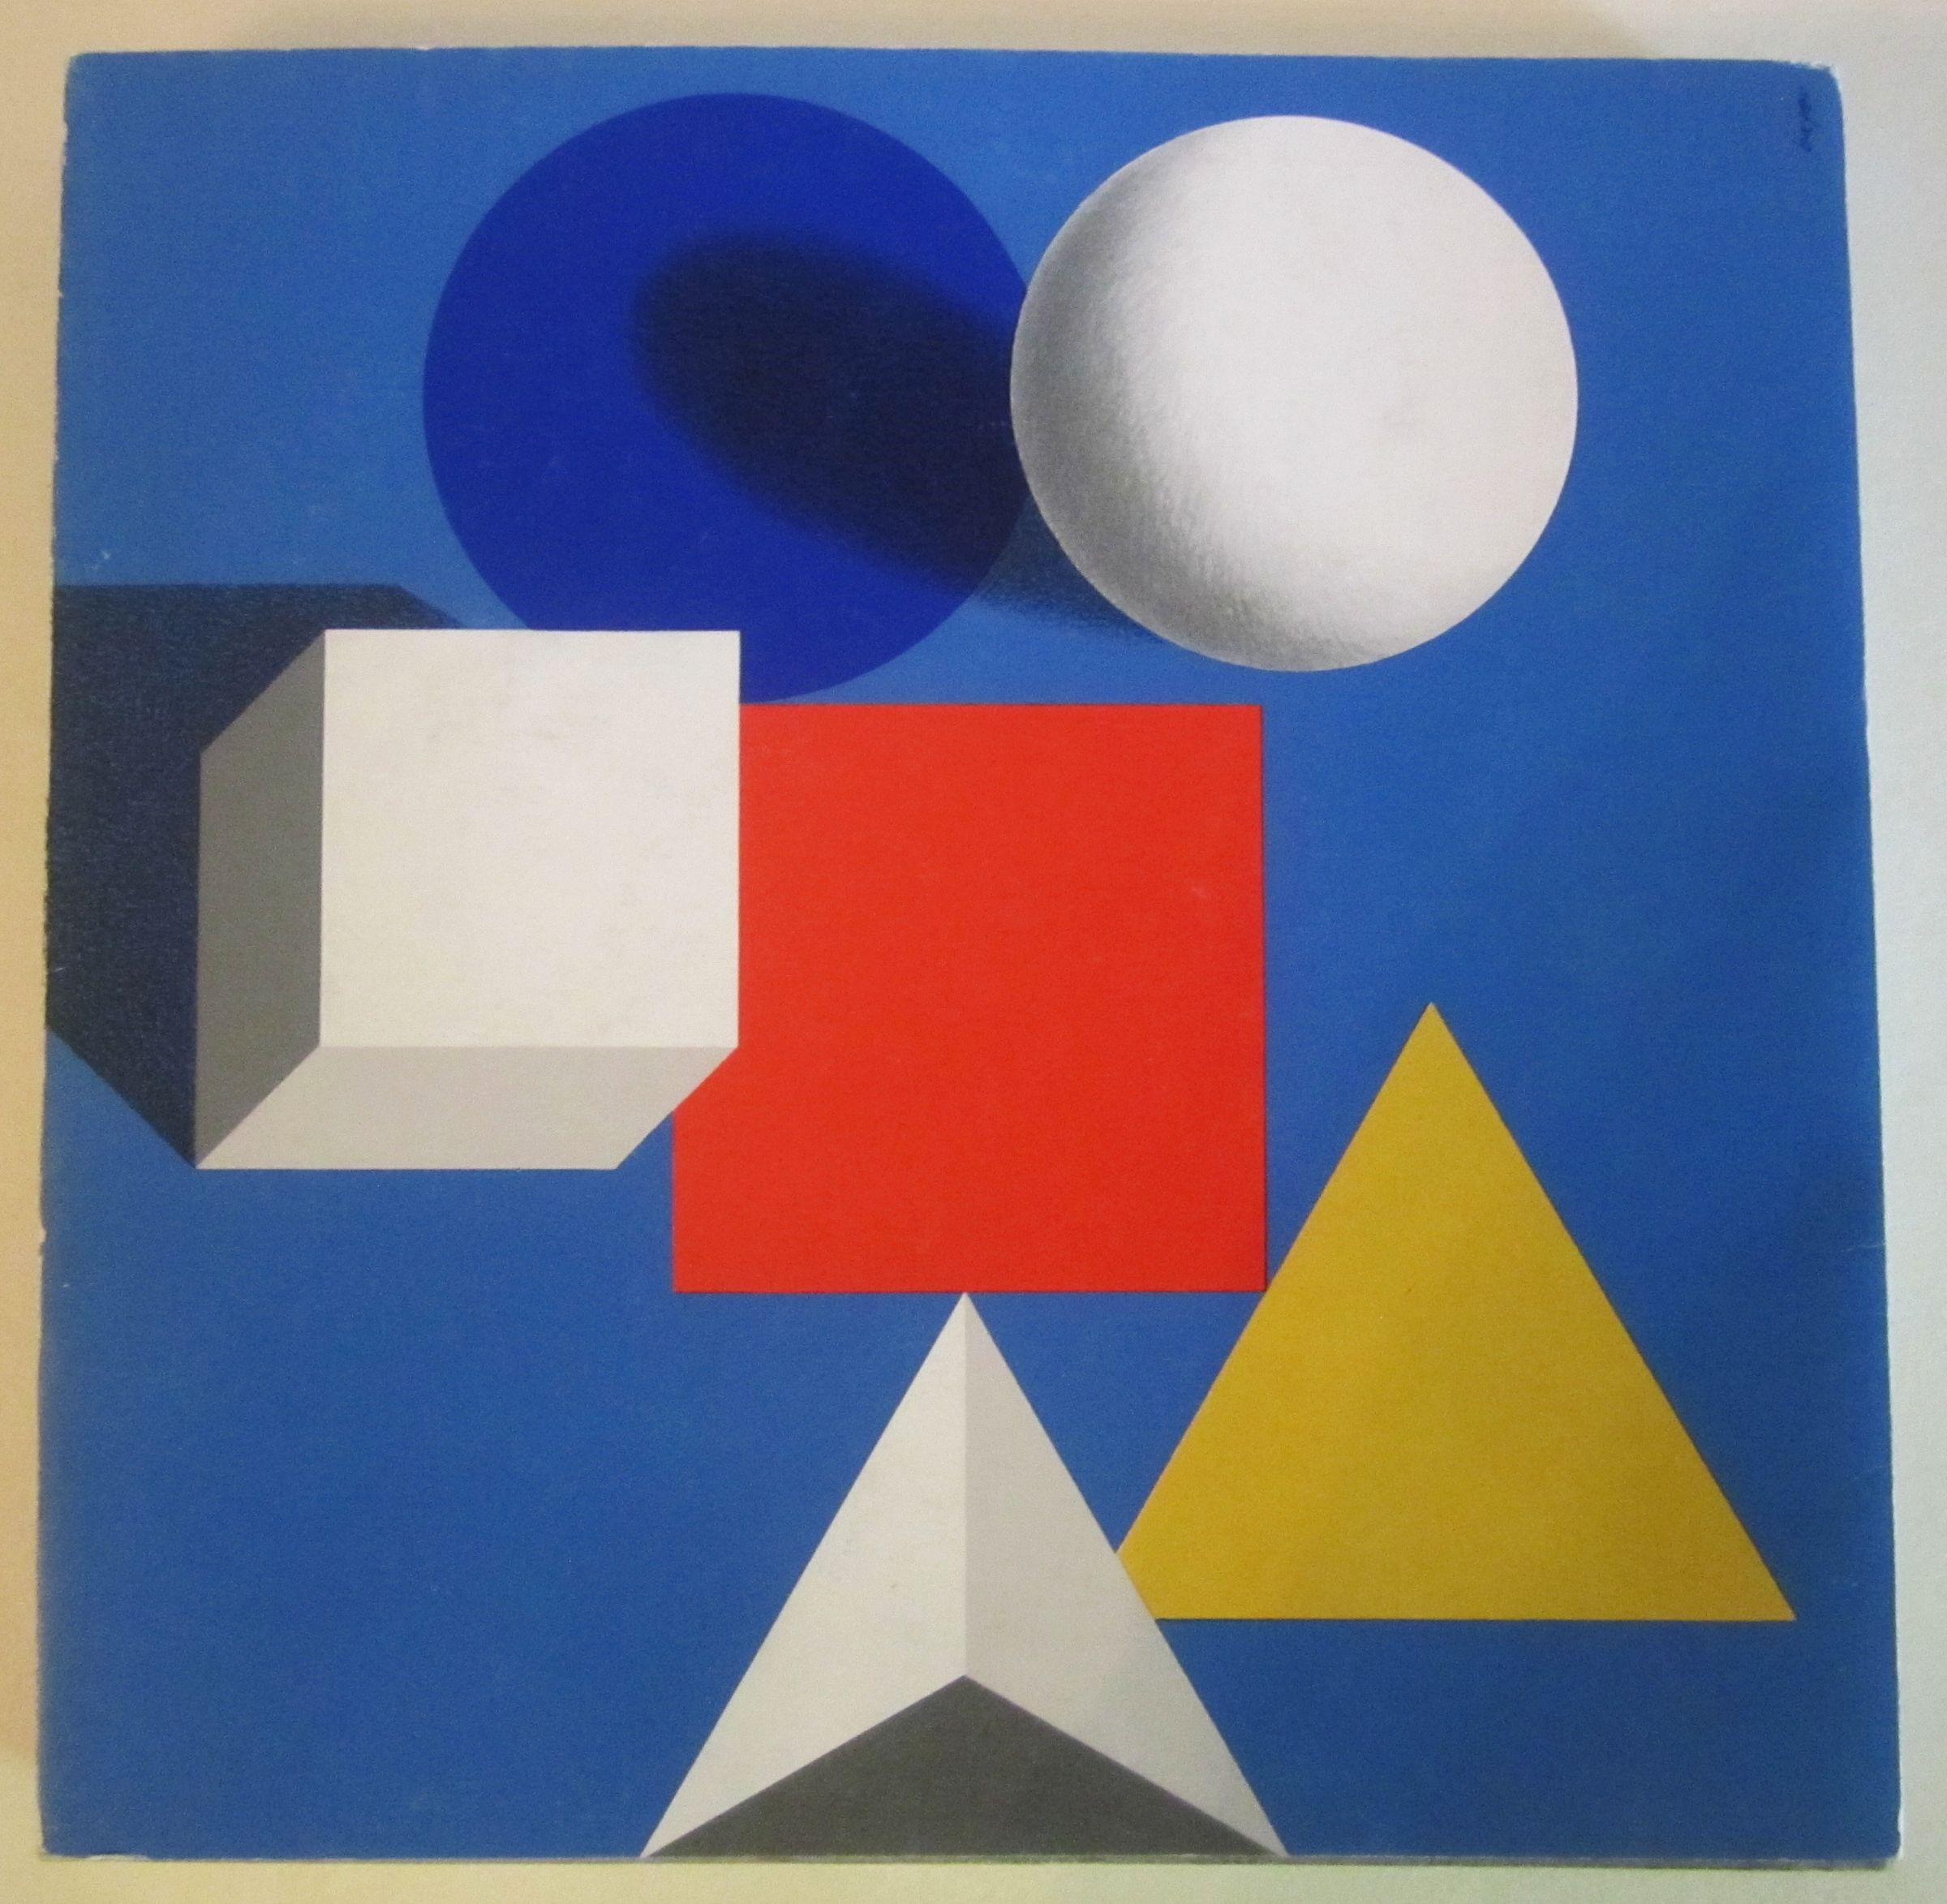 50 Jahre Bauhaus. Ausstellung unter der Schirmherrschaft: Württembergischer Kunstverein Stuttgart